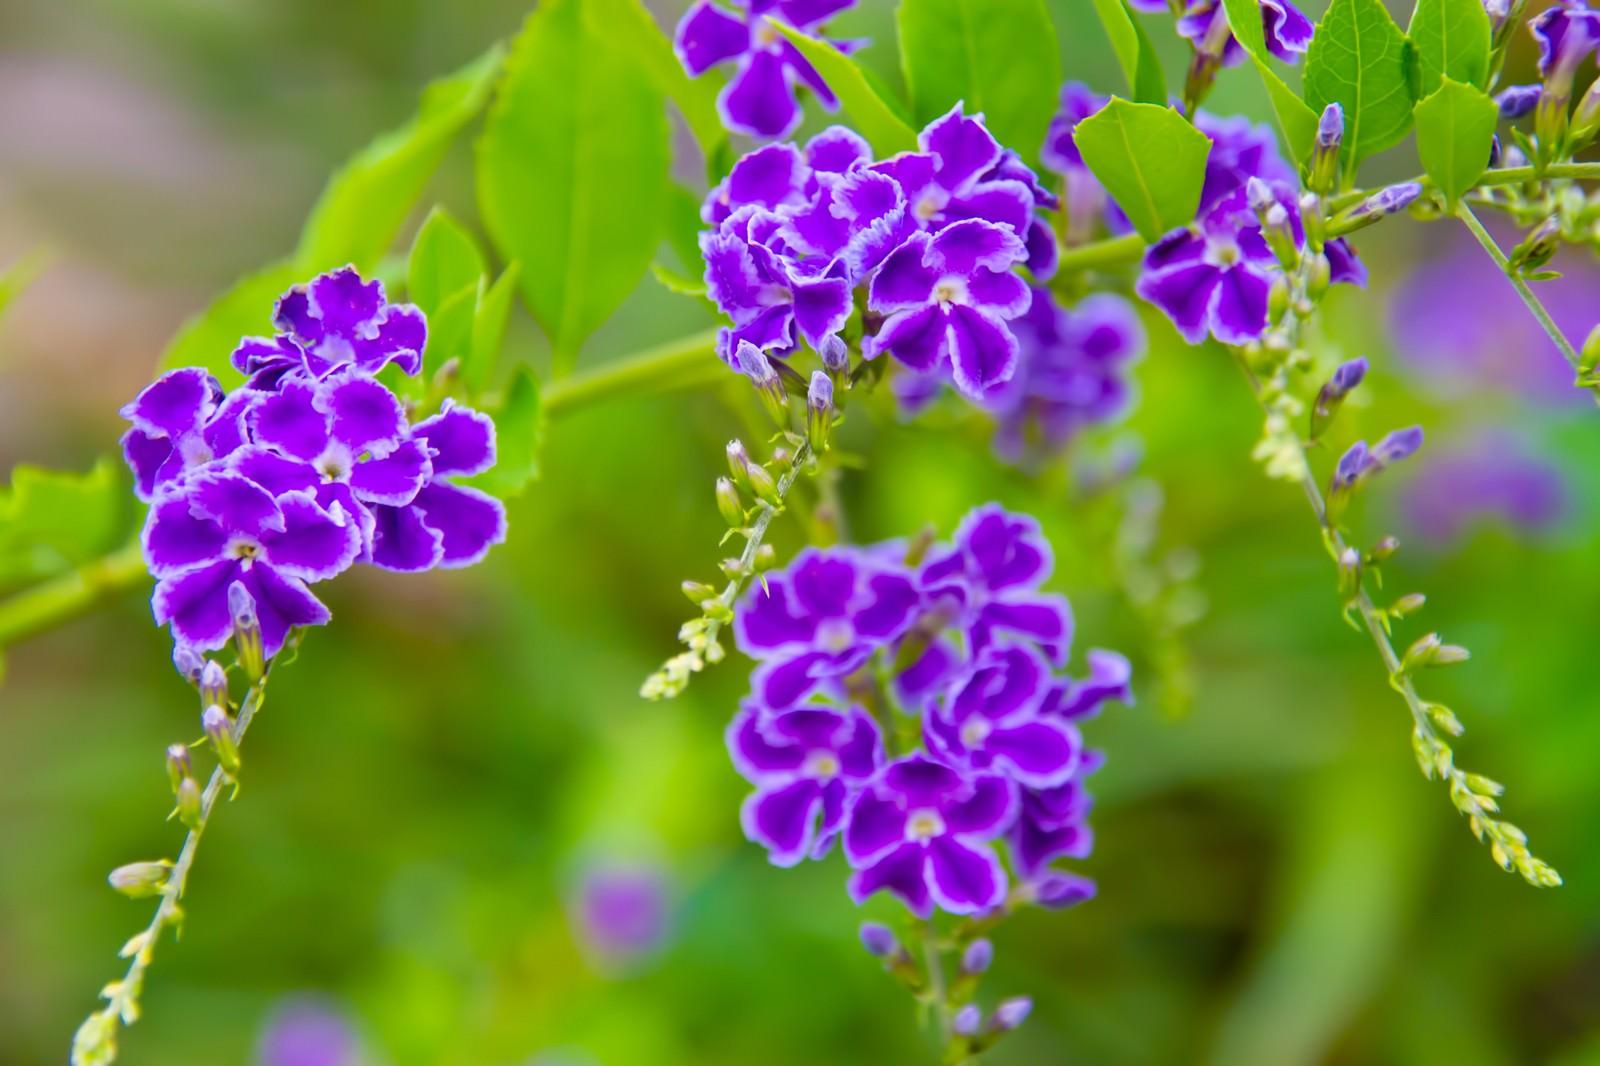 「紫色の小さなお花」の写真